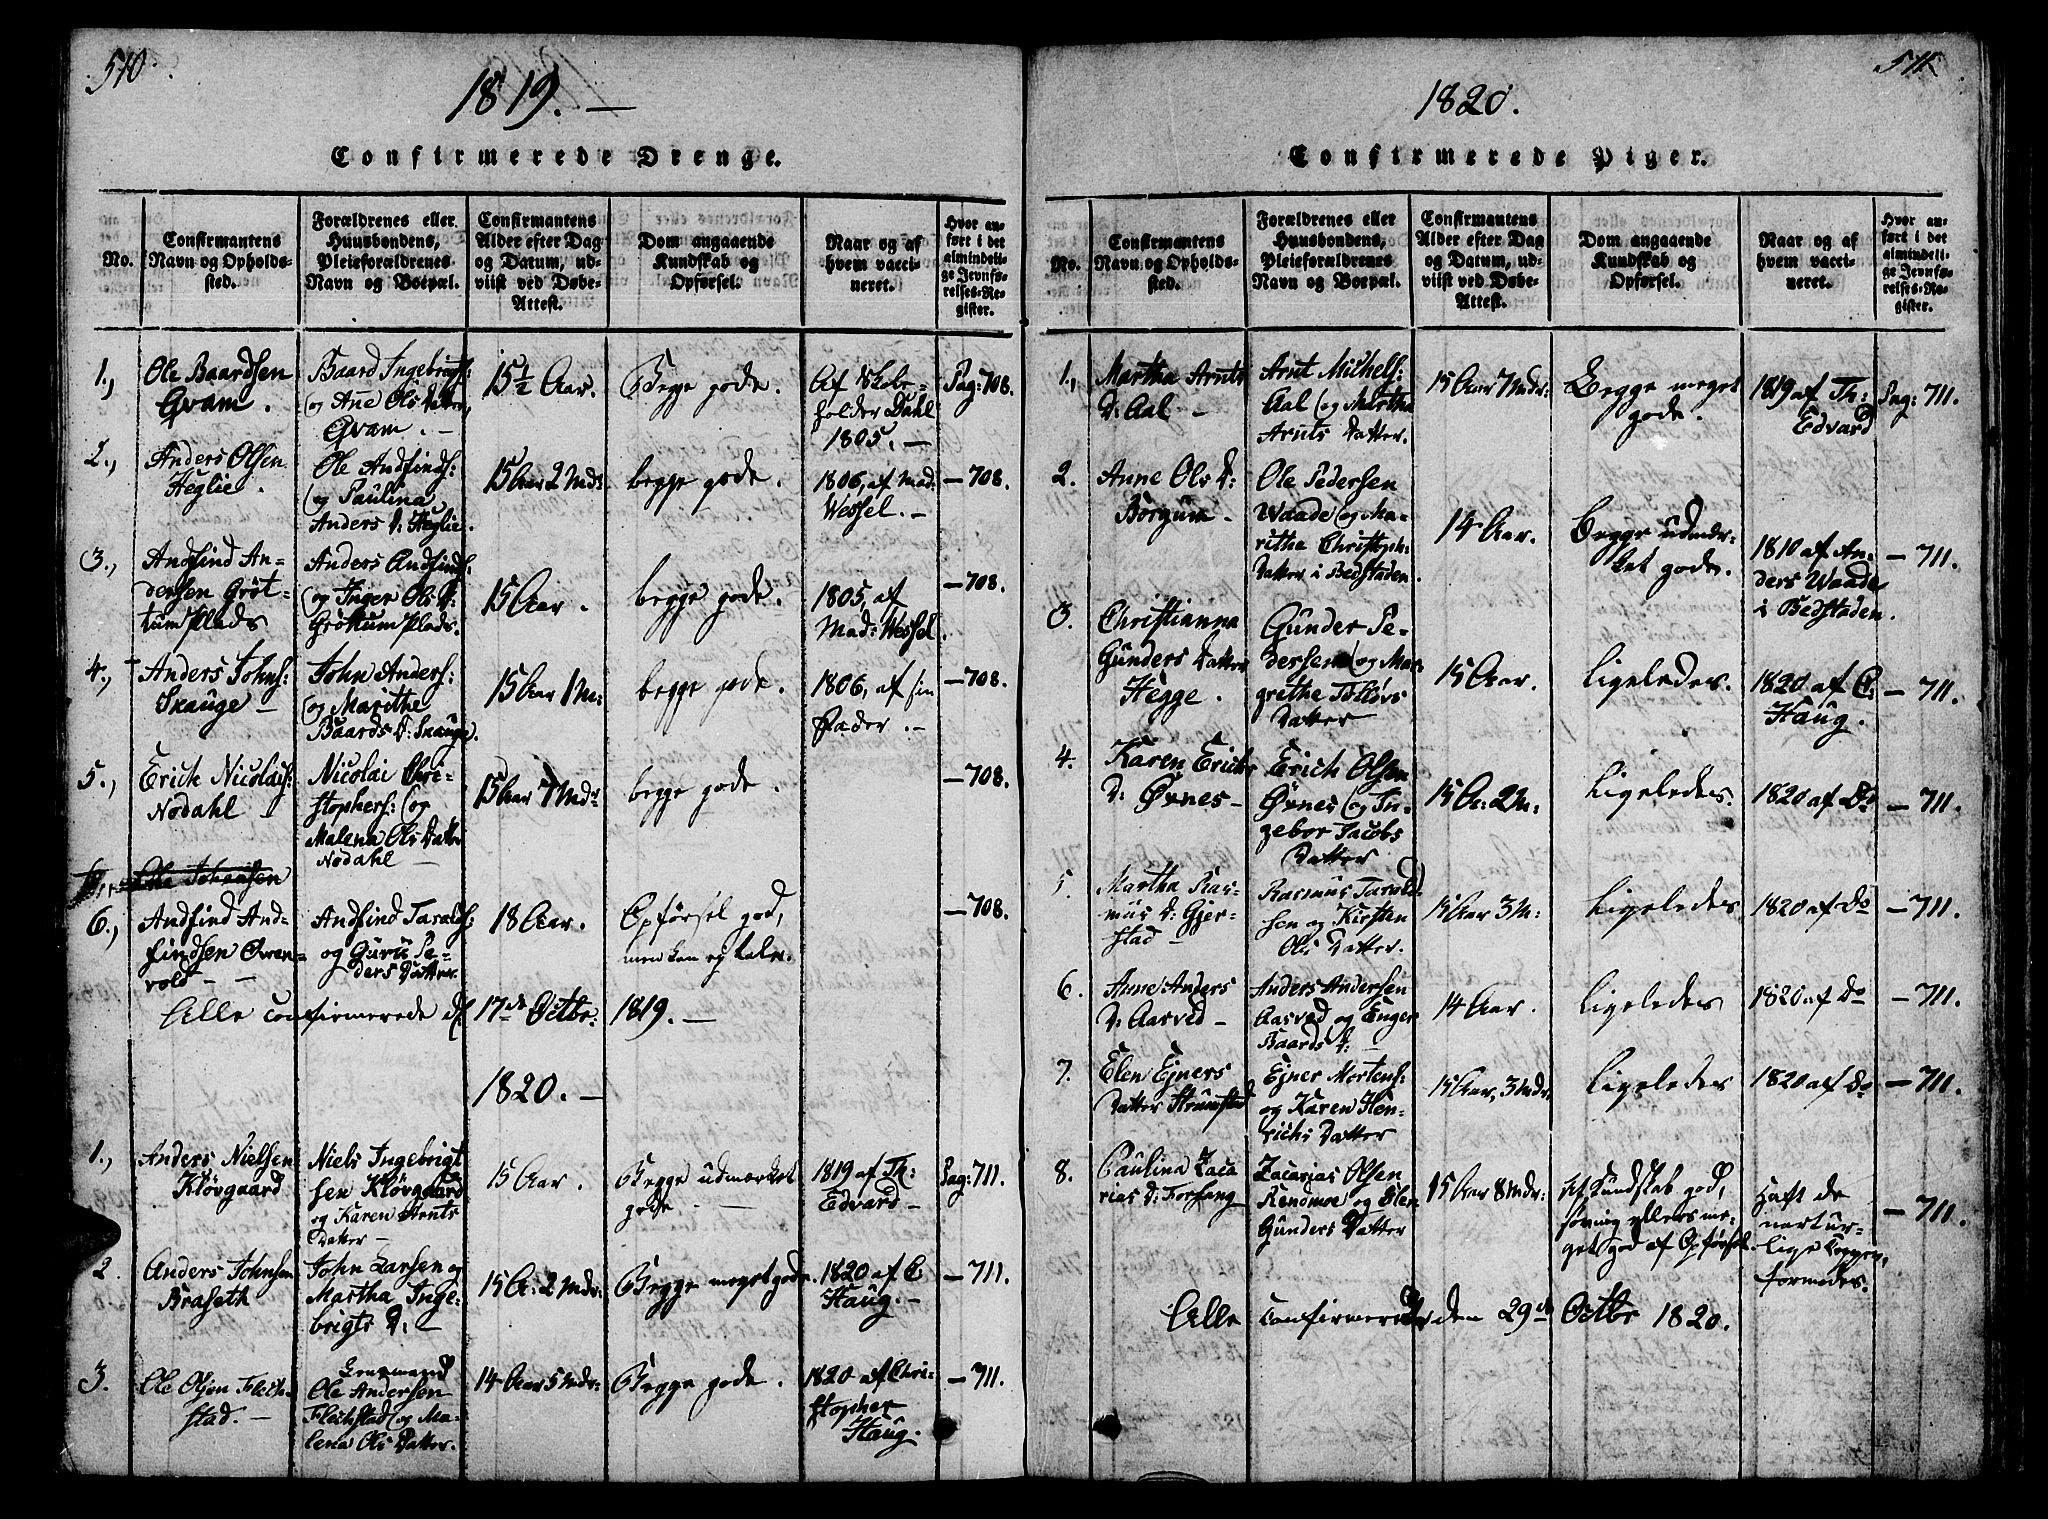 SAT, Ministerialprotokoller, klokkerbøker og fødselsregistre - Nord-Trøndelag, 746/L0441: Ministerialbok nr. 746A03 /2, 1816-1827, s. 510-511